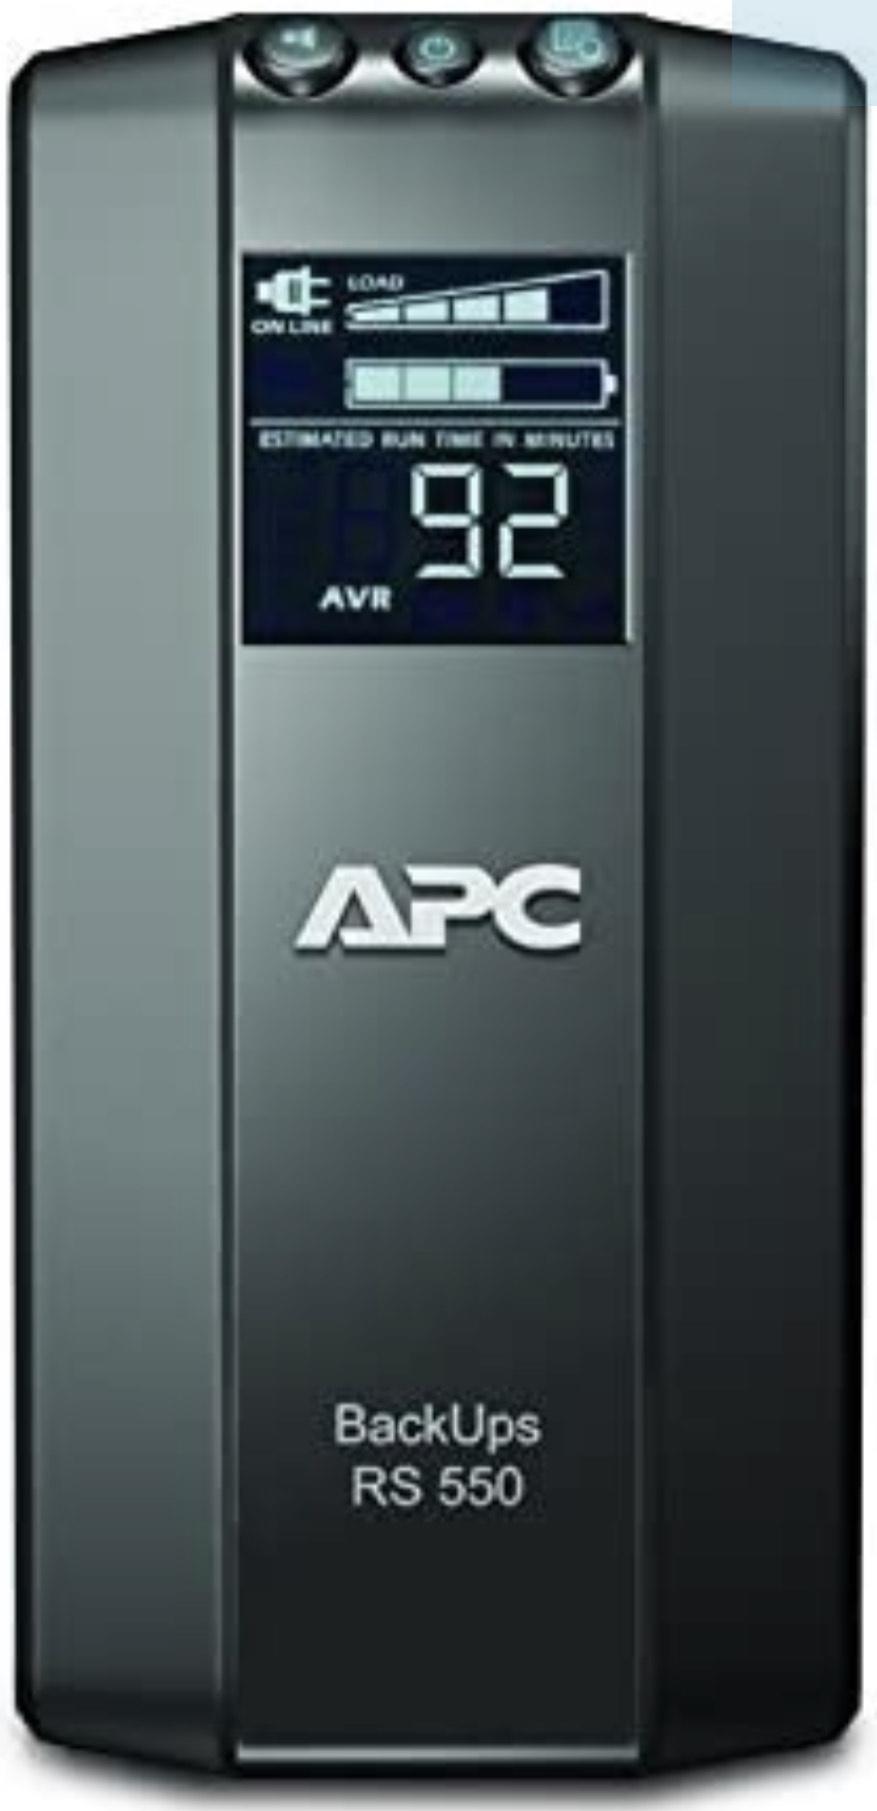 APC by Schneider Electric Back UPS PRO - BR550GI - USV 550VA Leistung (Stromsparf., Kaltgeräte Ausgänge, Display, Versicherung)